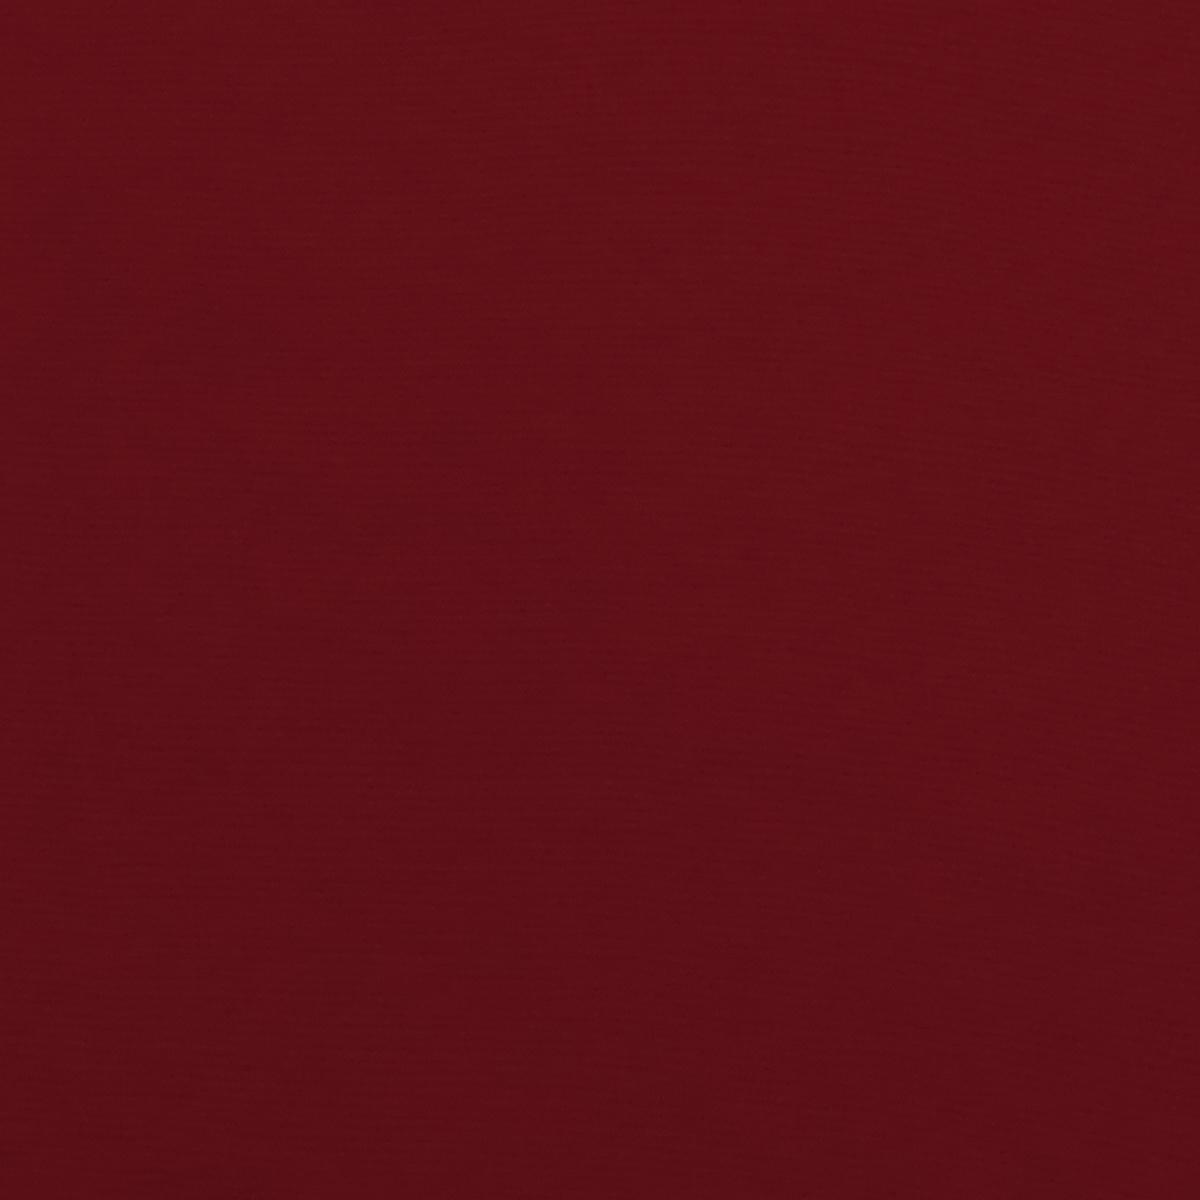 Креп полиэстеровый с эластаном бордового цвета